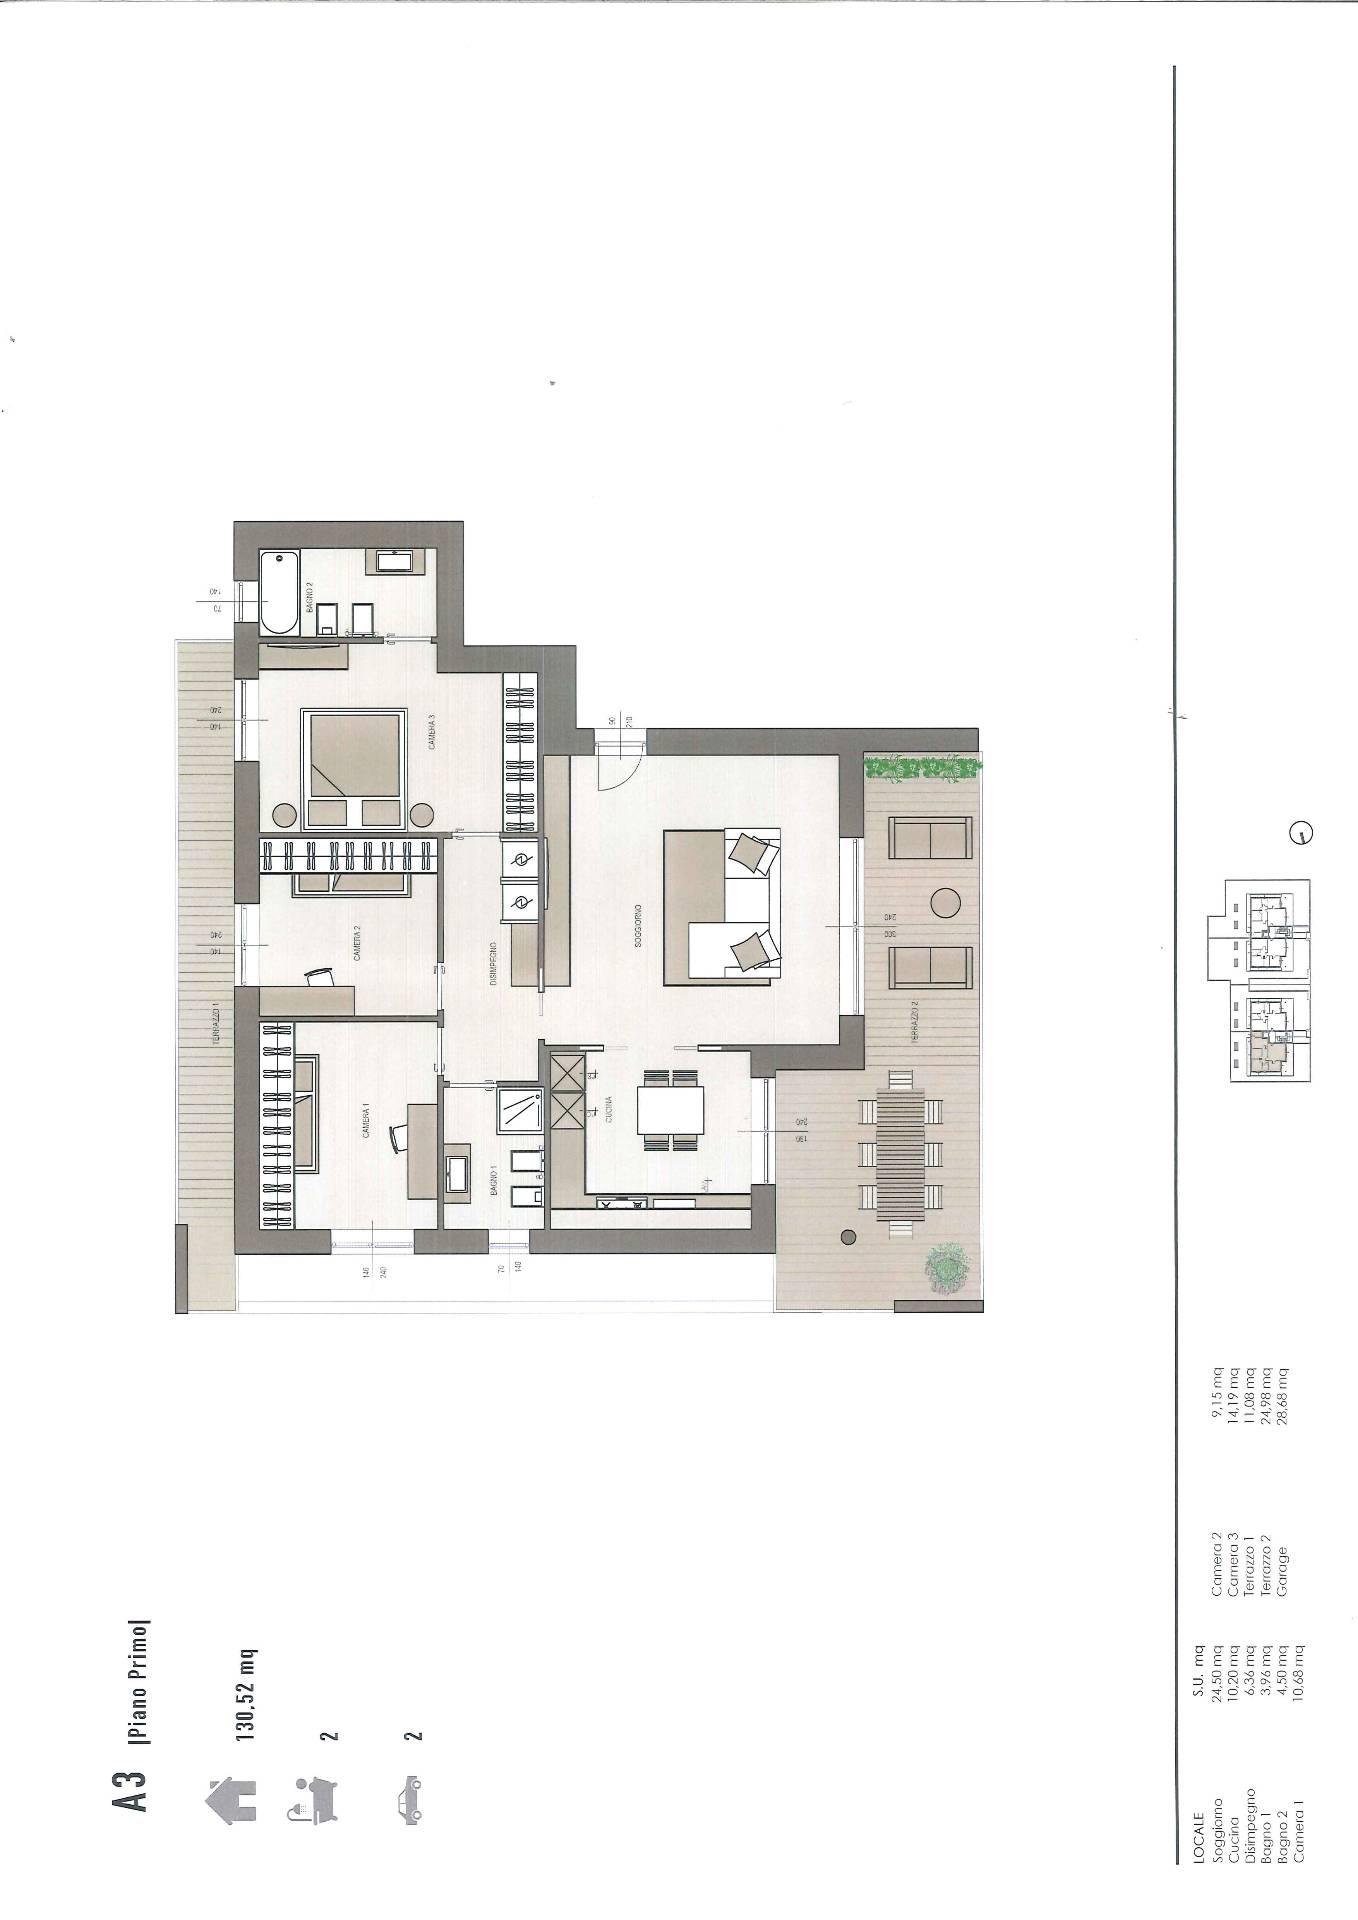 Appartamento in vendita a Stezzano, 4 locali, prezzo € 265.000 | CambioCasa.it